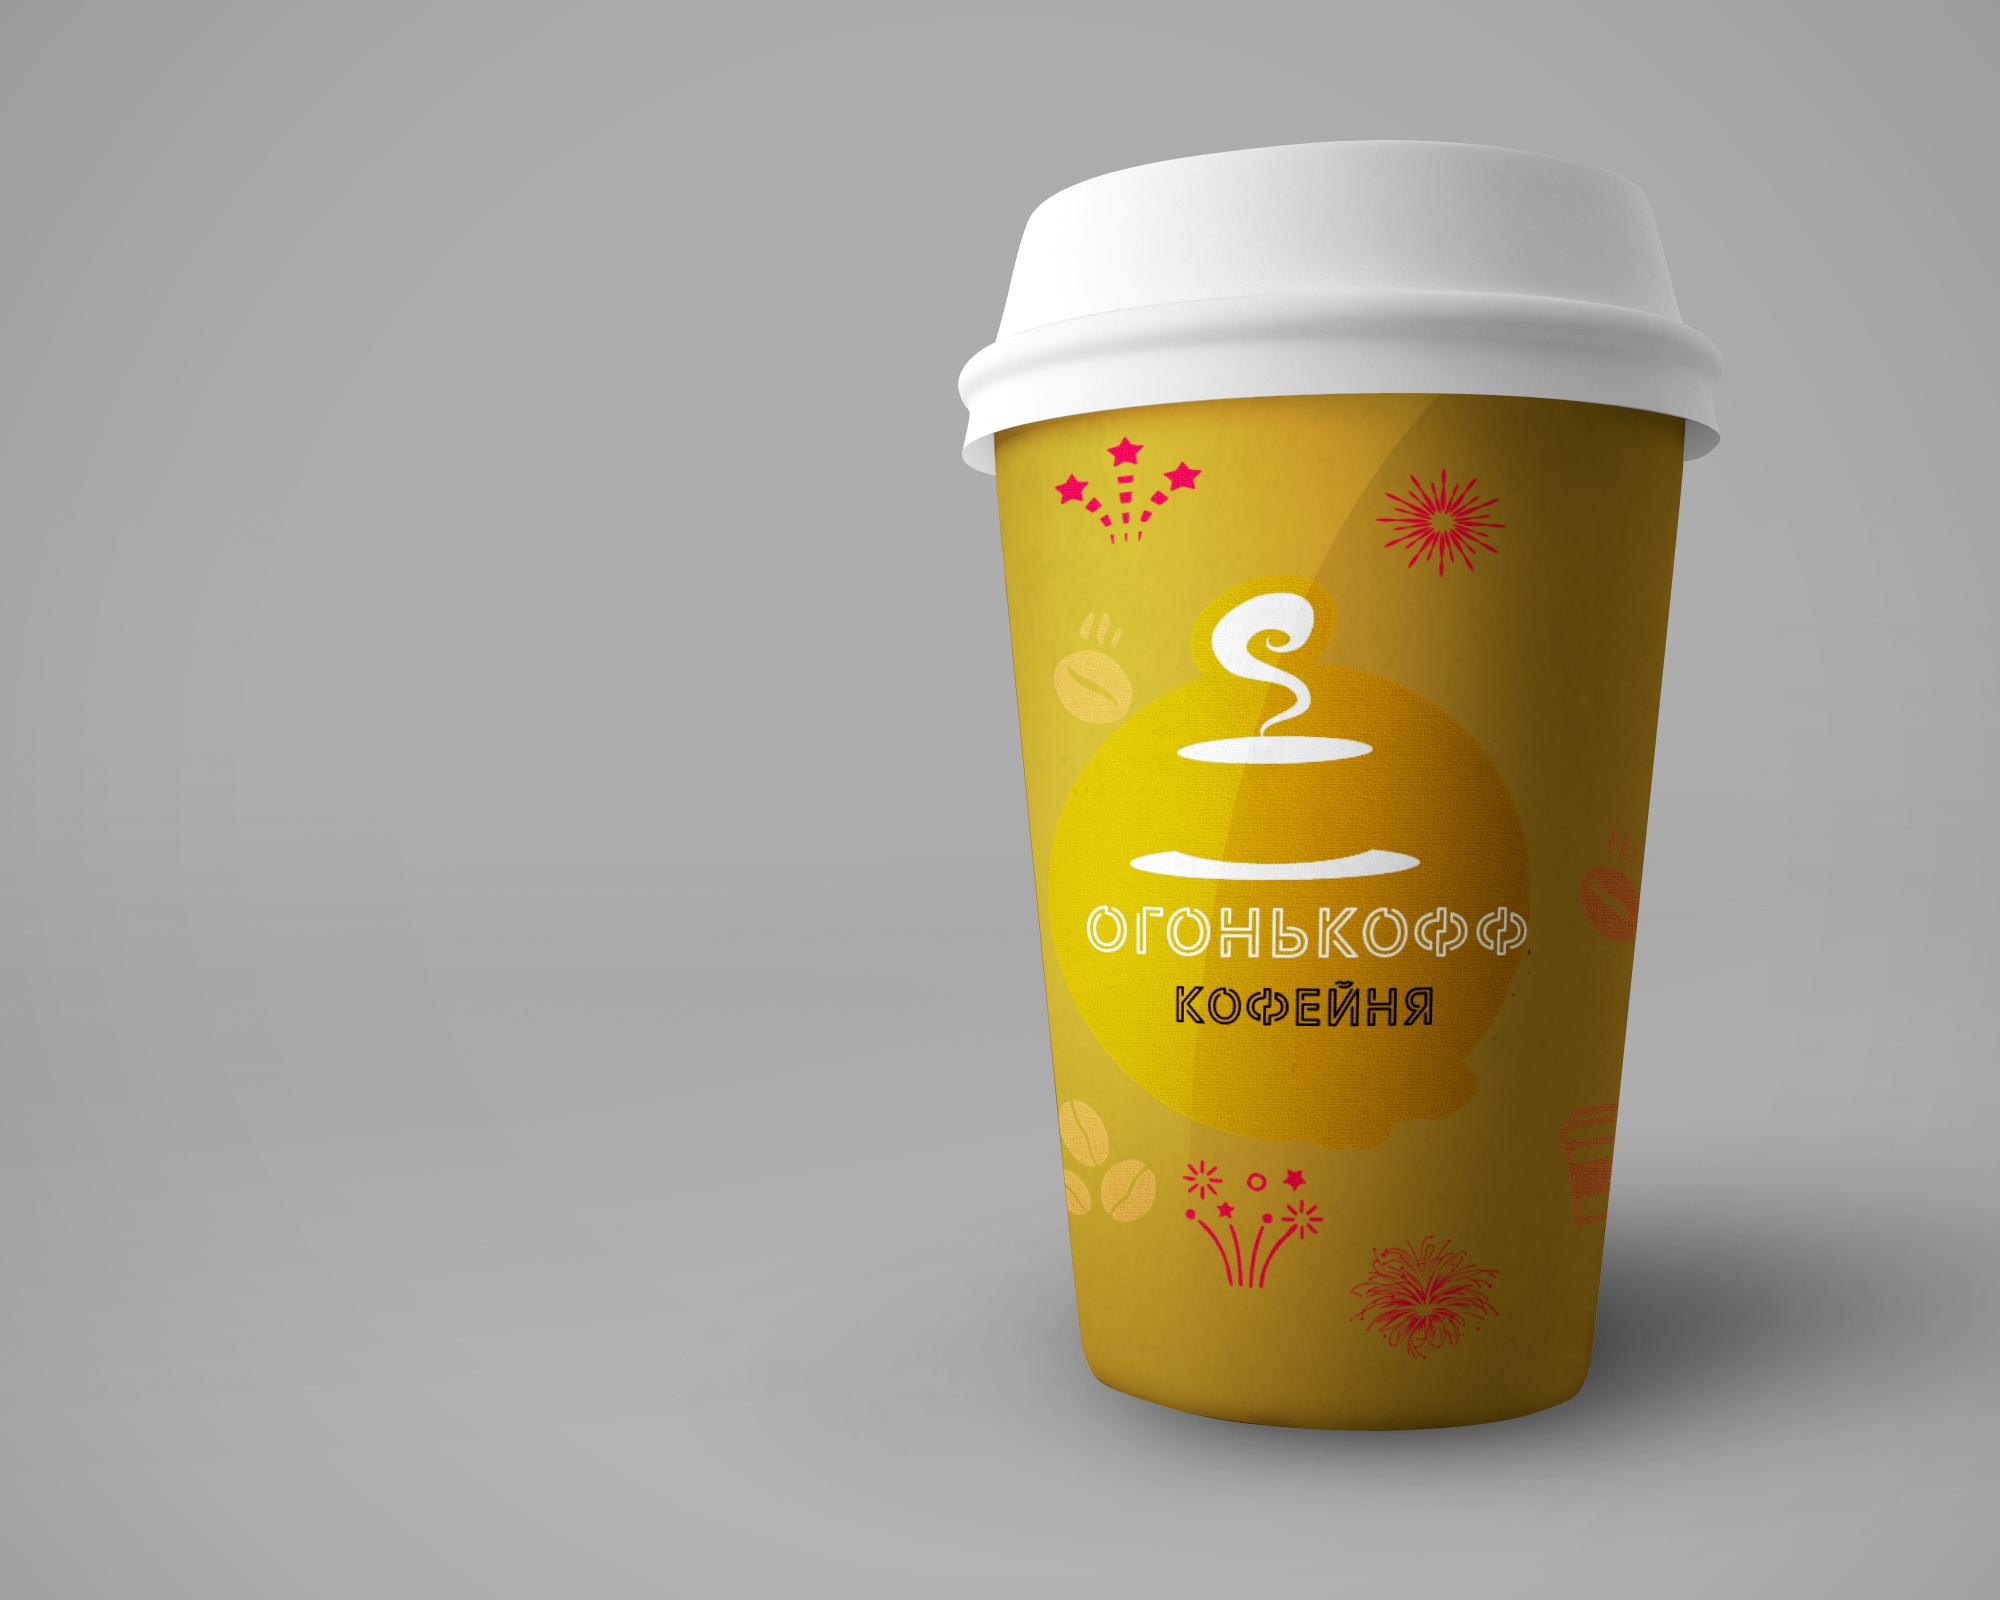 Название, цвета, логотип и дизайн оформления для сети кофеен фото f_7455ba64e4394ebd.jpg